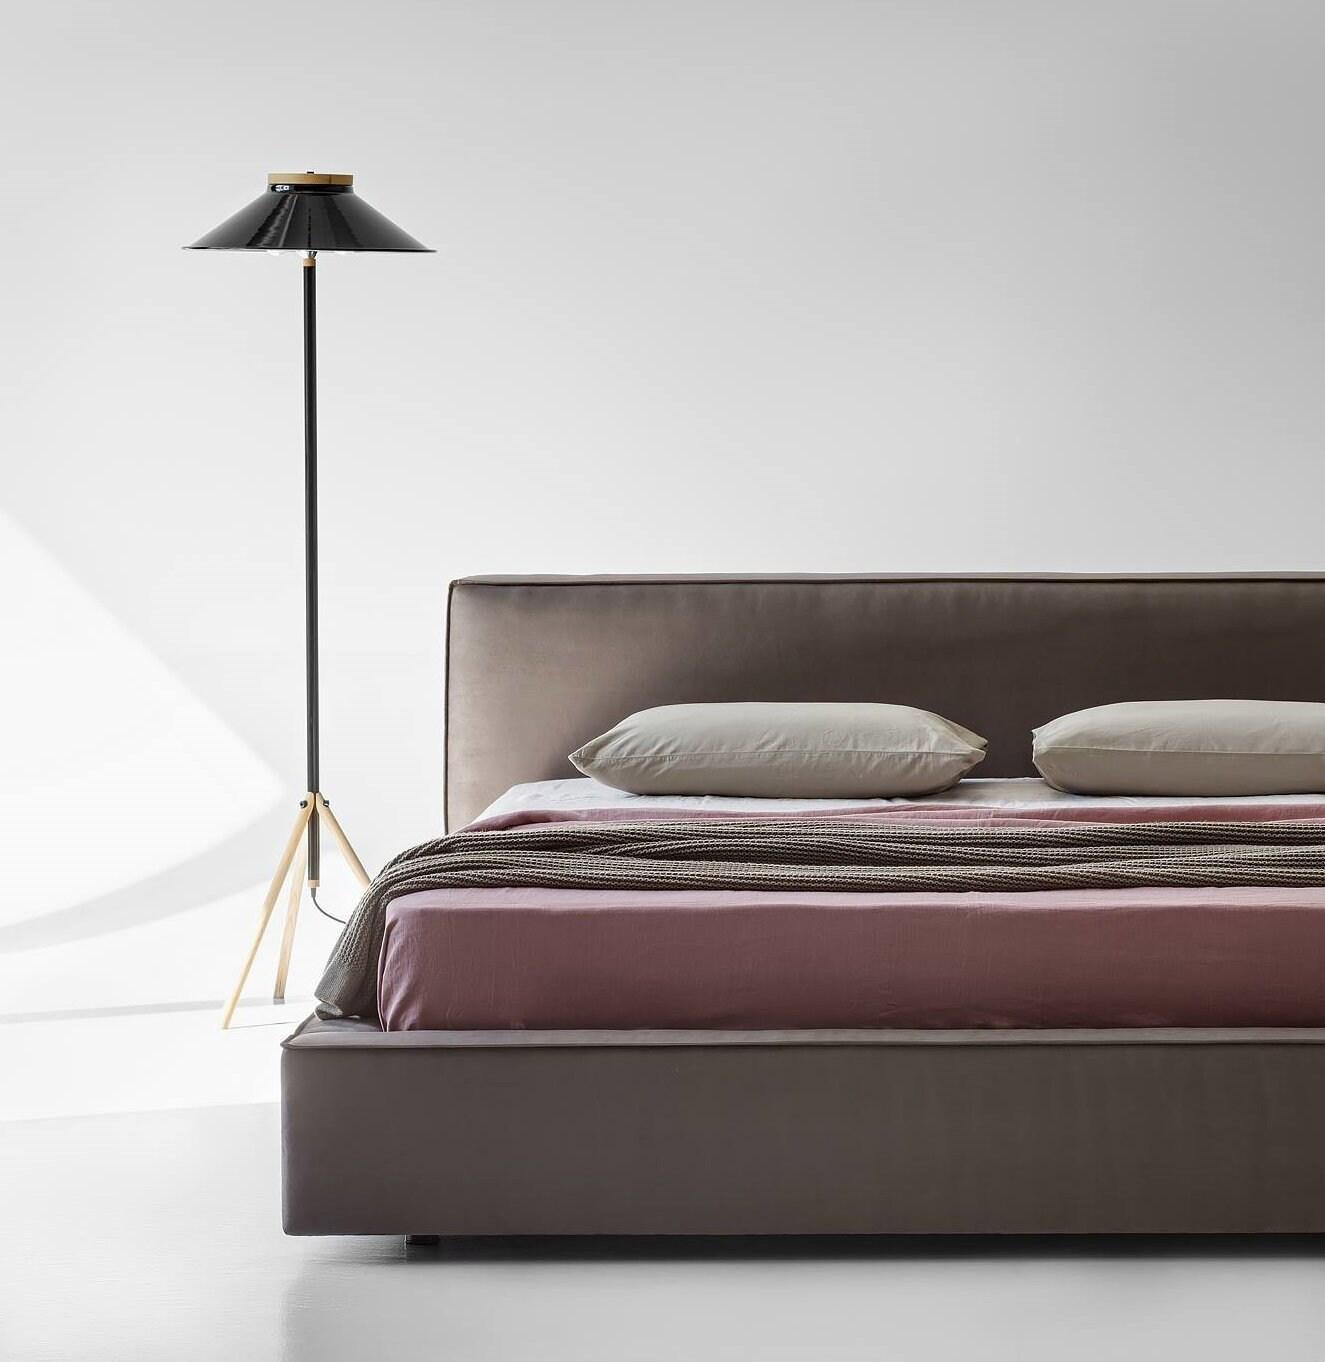 moderne industrie stehlampe f r wohnzimmer gl nzend schwarzen etsy. Black Bedroom Furniture Sets. Home Design Ideas